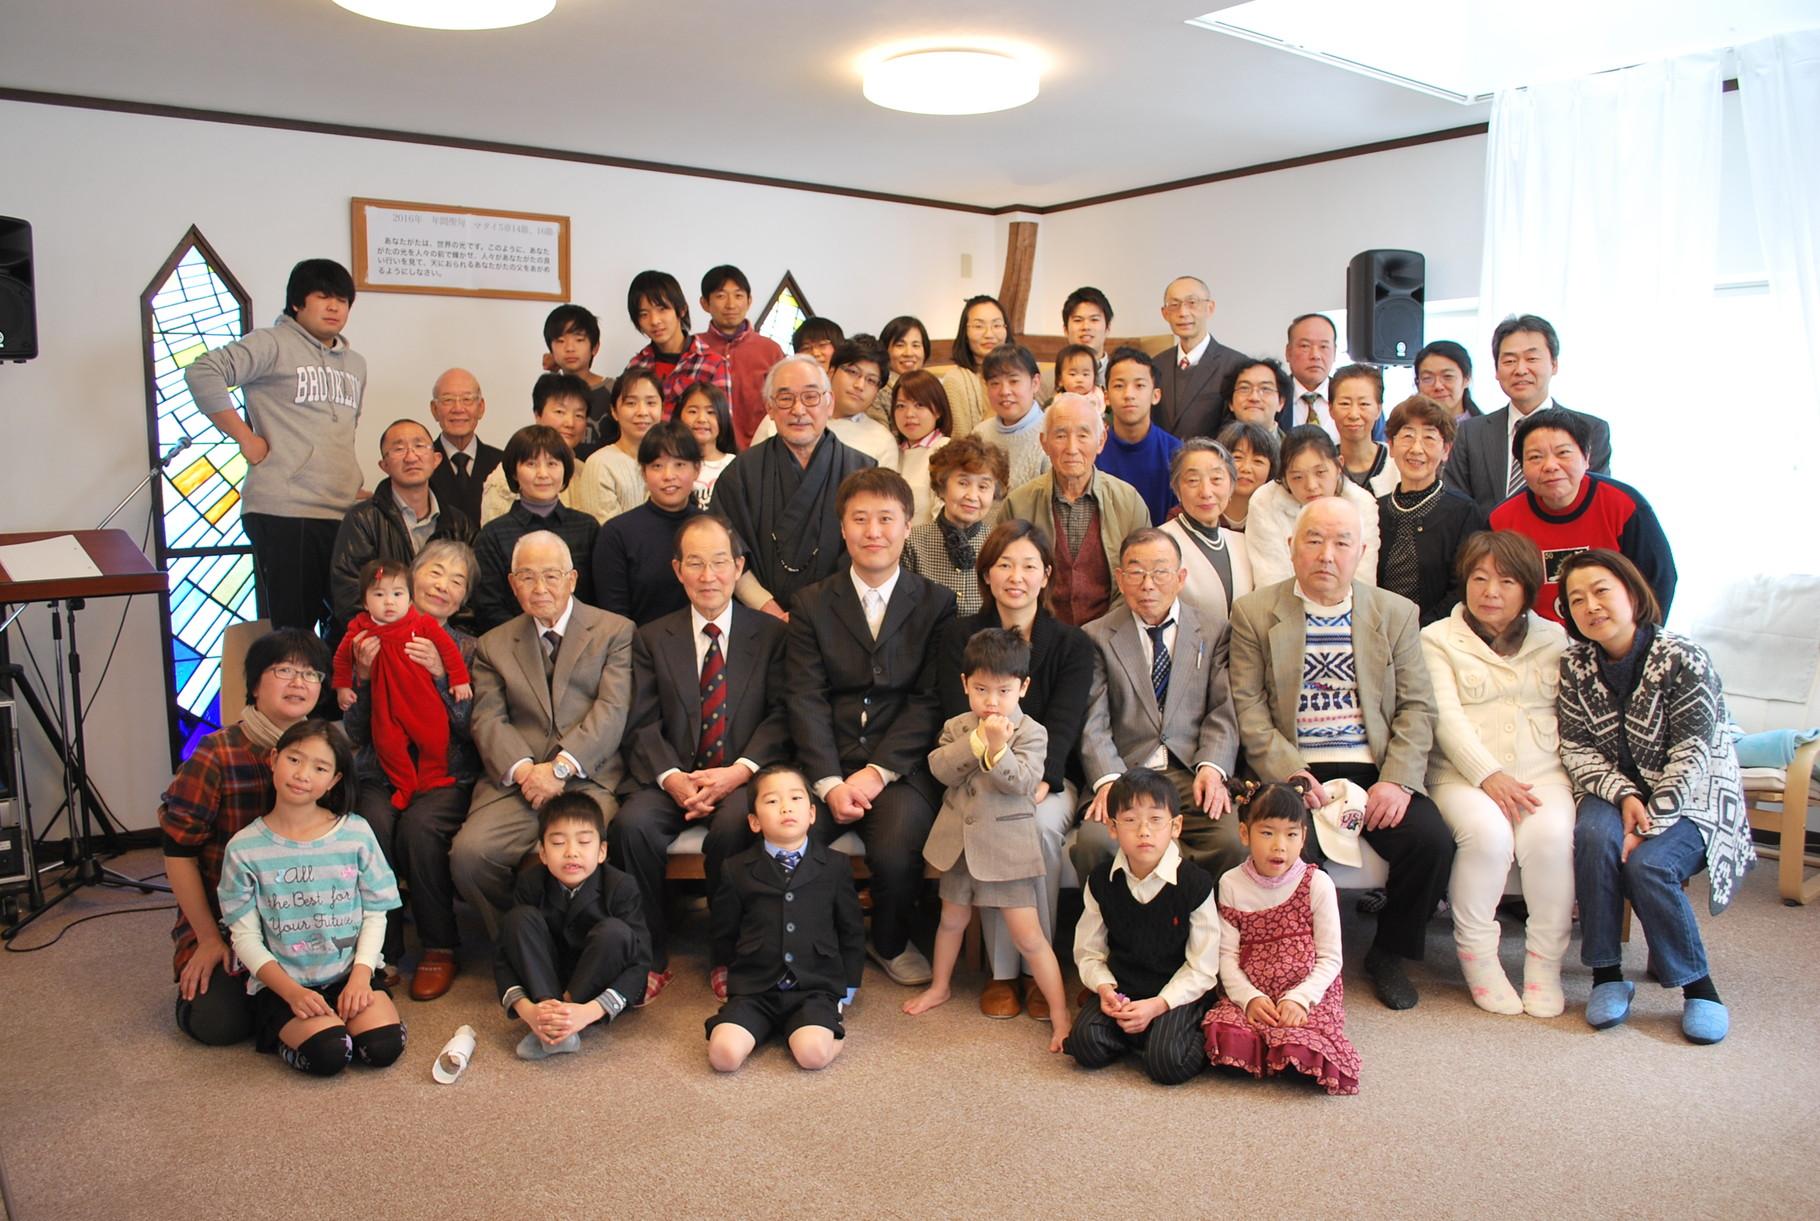 元旦礼拝での集合写真。クリスチャンは初詣でなく新年から礼拝をささげます。